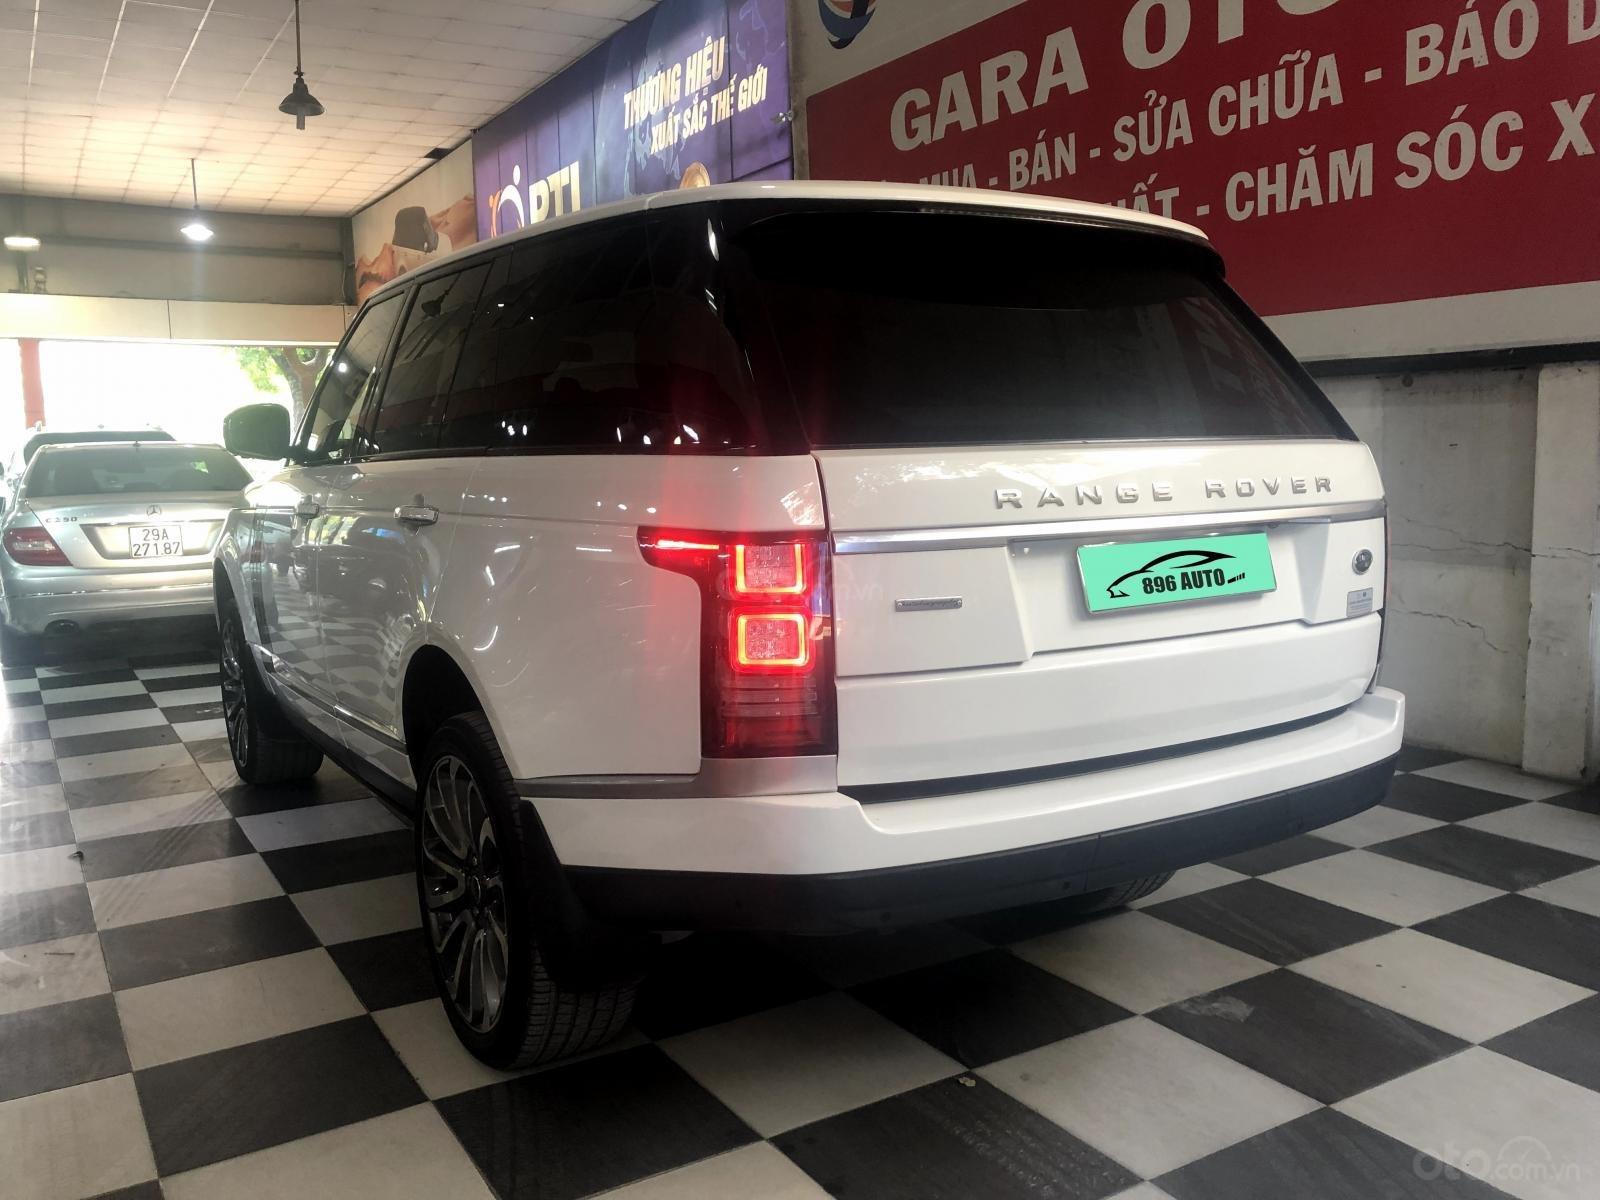 Giao ngay LandRover Range Rover 5.0L đời 2015, màu trắng da bò, uy tín giá tốt (5)